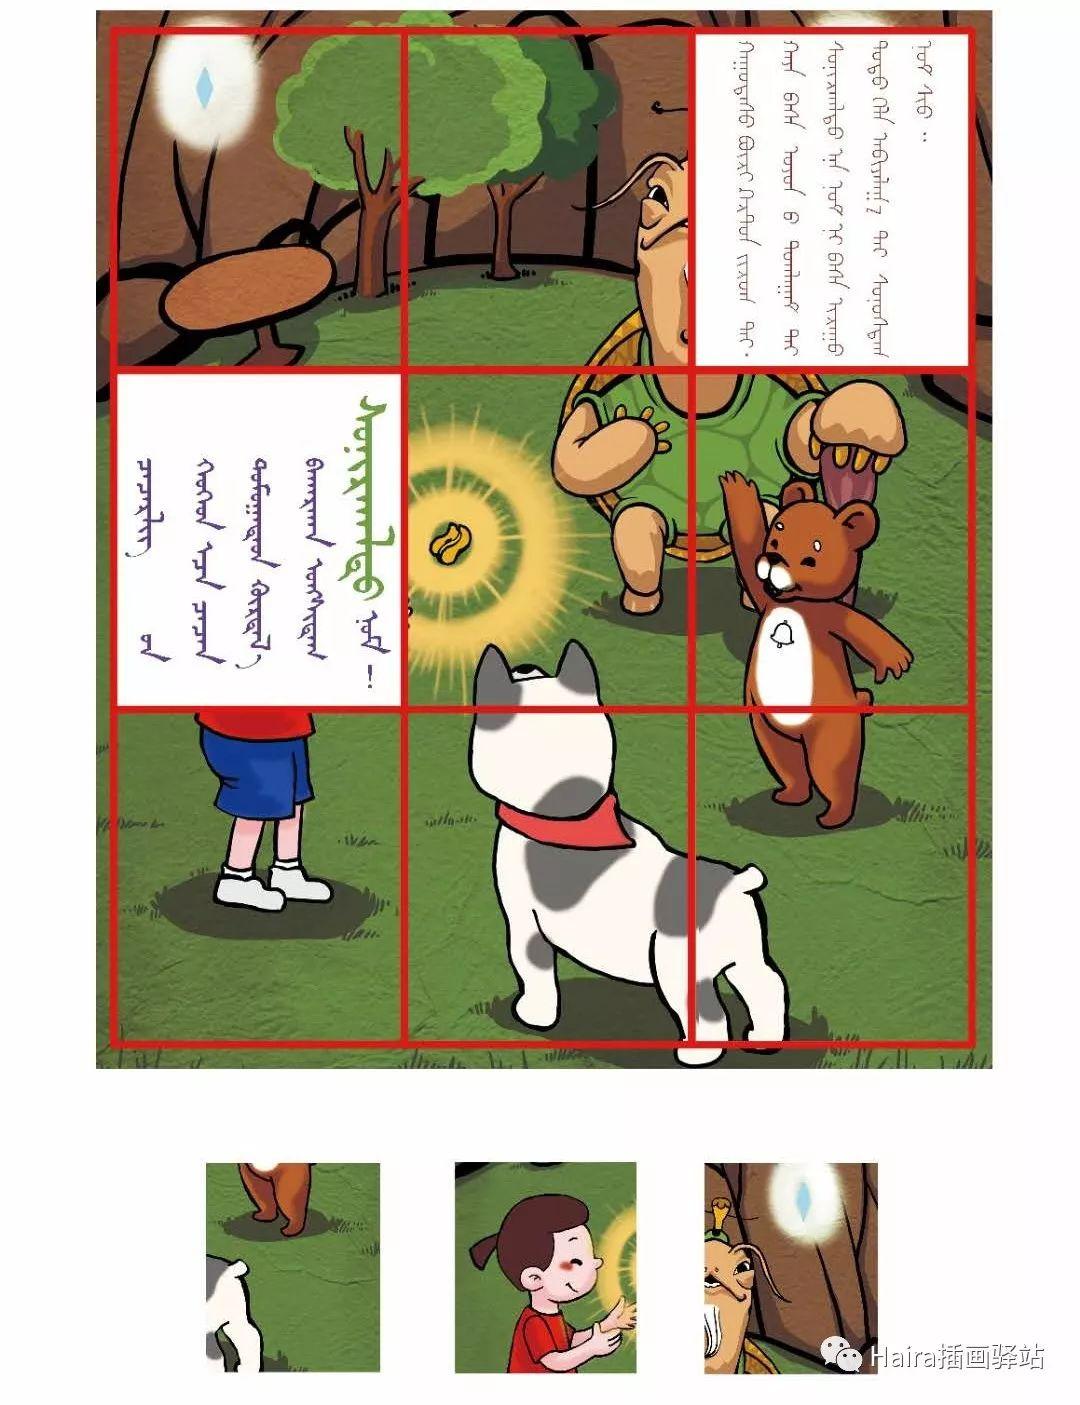 访谈 |蒙古族插画家阿拉坦苏那嘎的创作故事 第14张